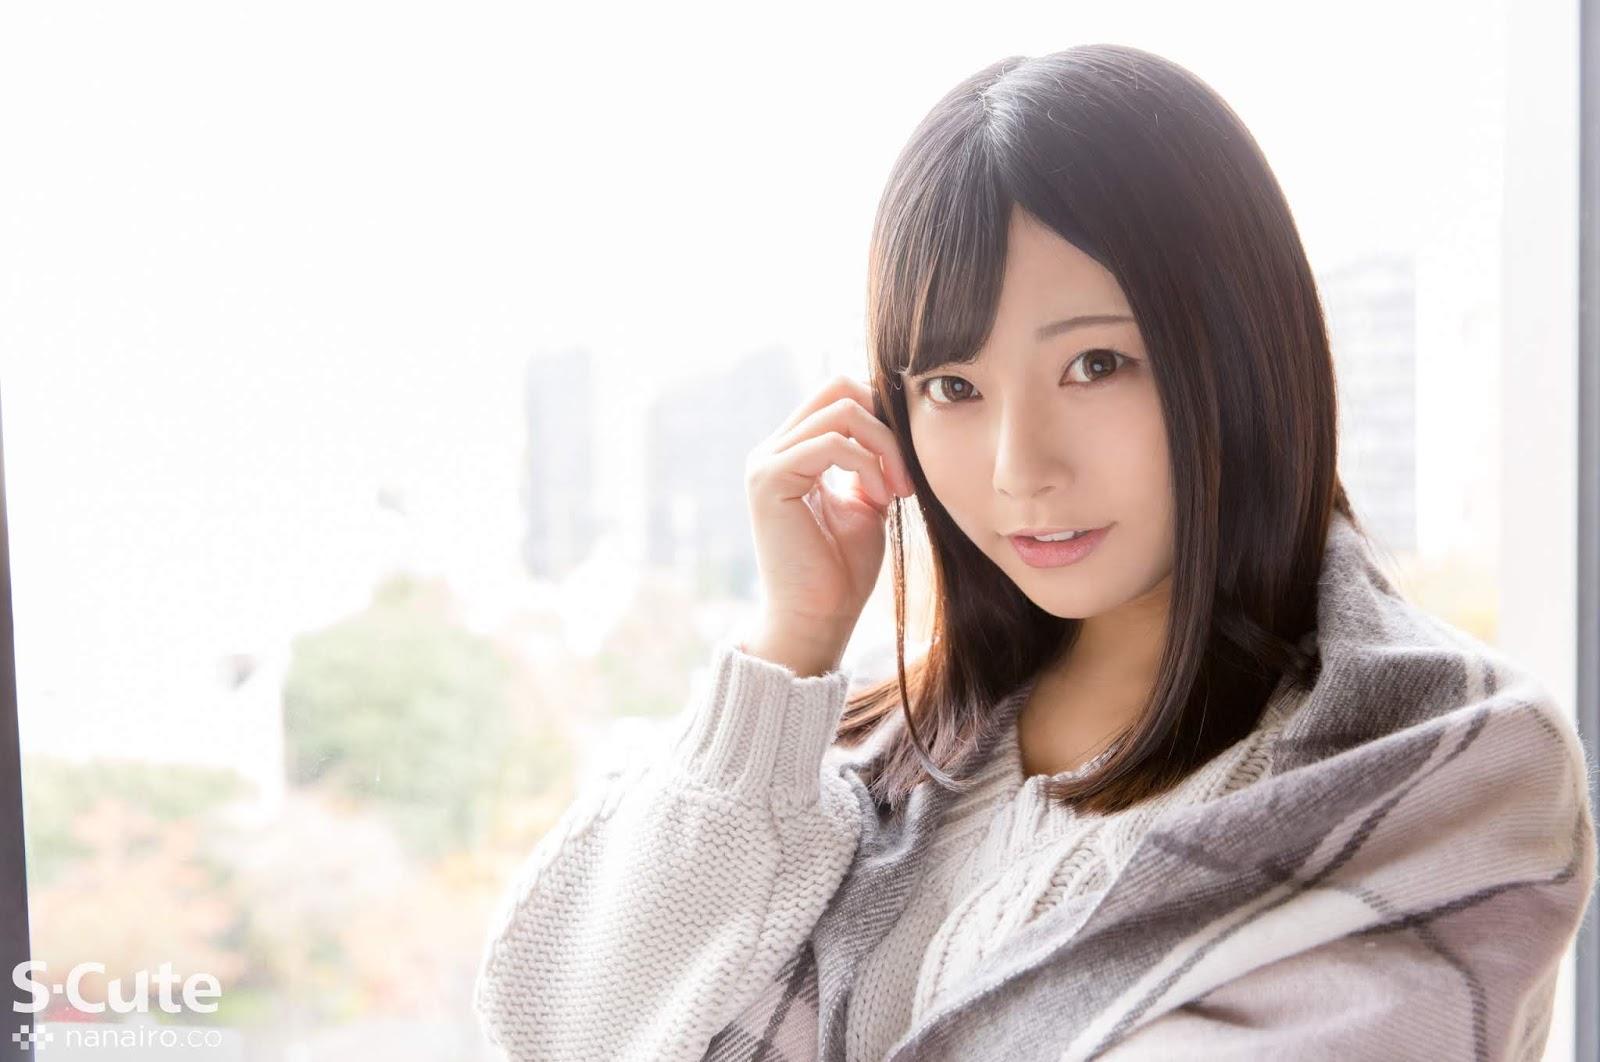 S-Cute 765_azusa_01 いっぱいナカ出して/Azusa